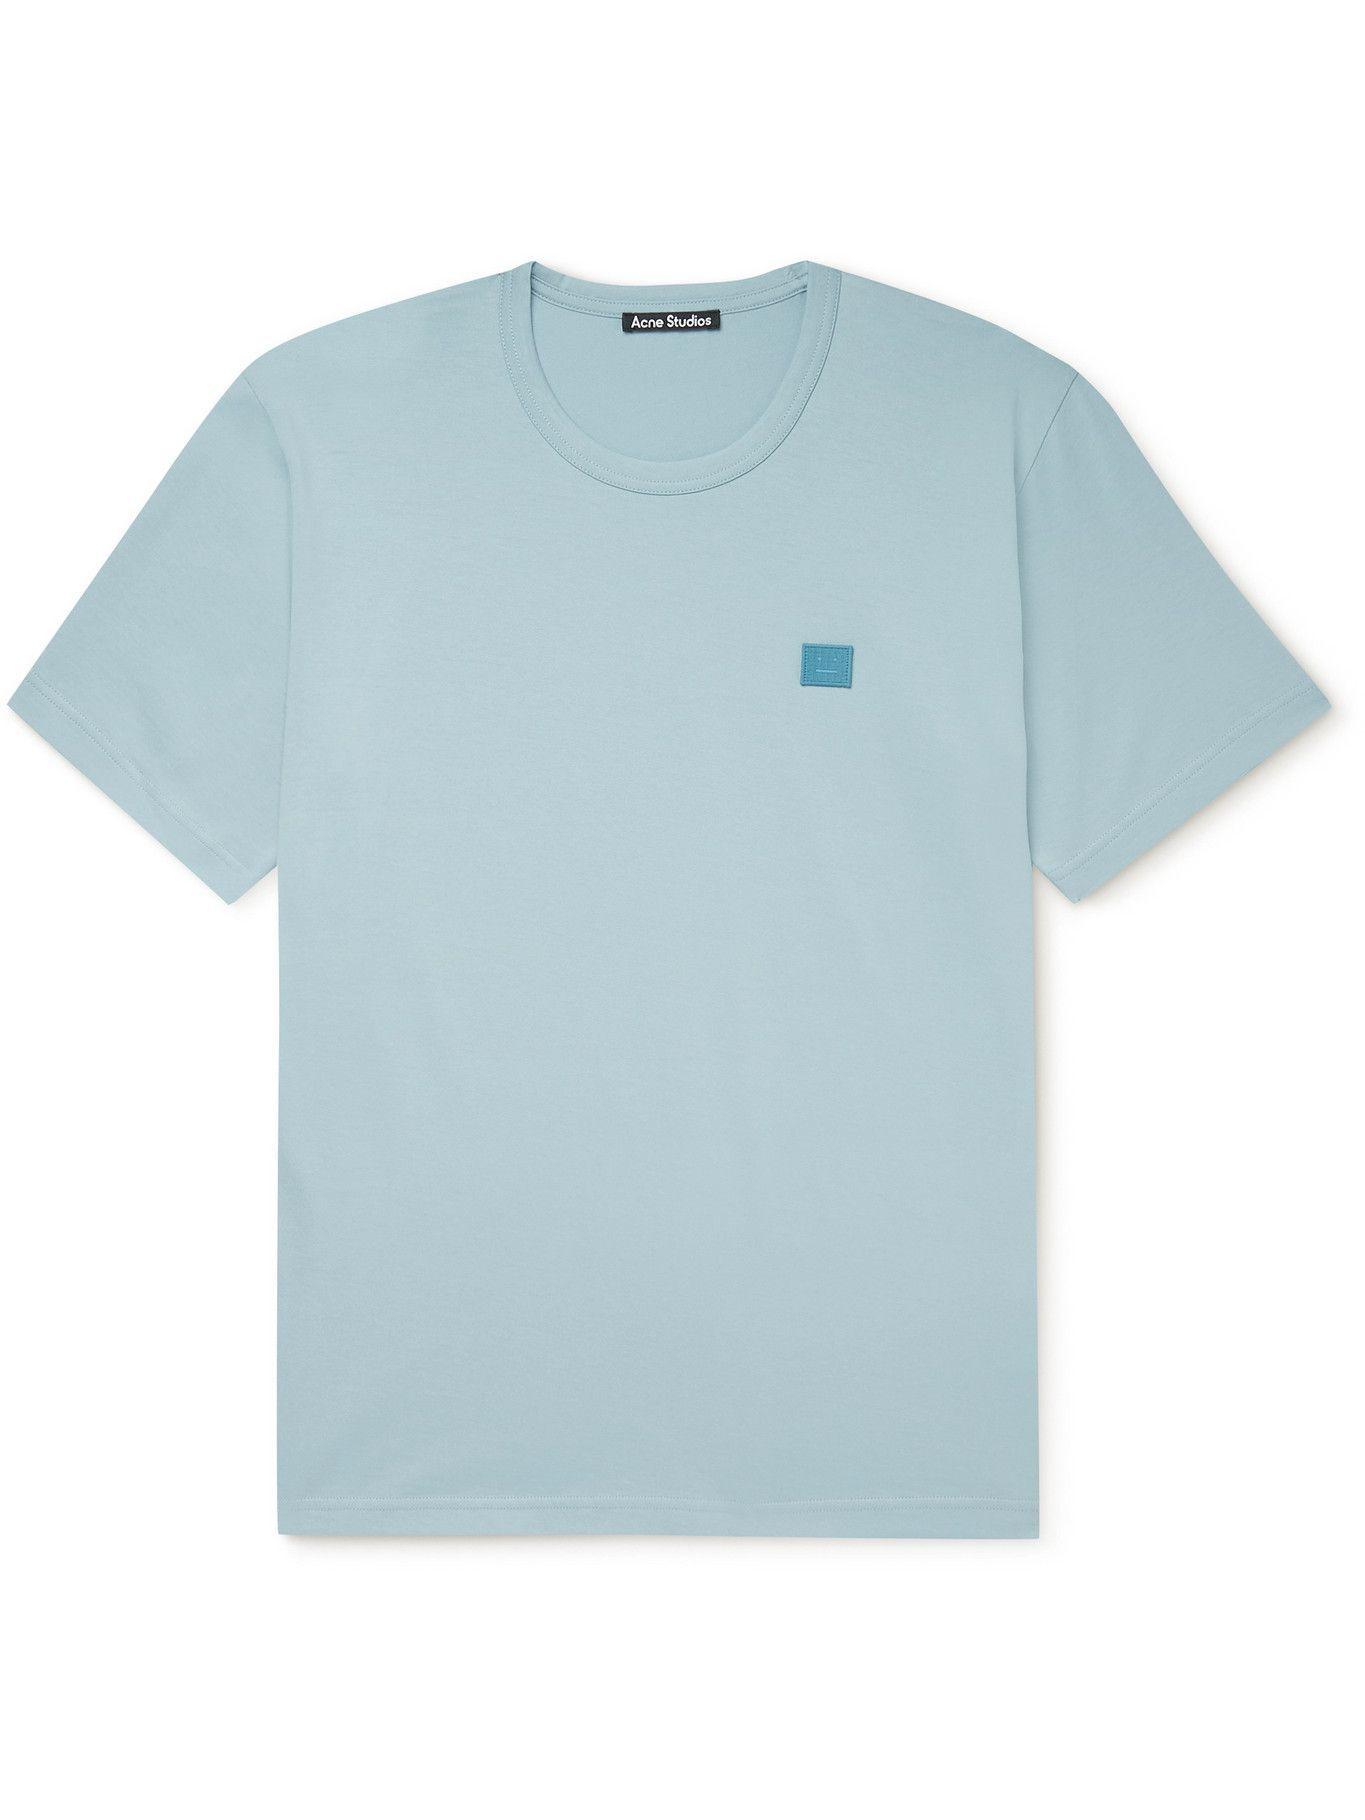 Photo: ACNE STUDIOS - Nash Logo-Appliquéd Cotton-Jersey T-Shirt - Blue